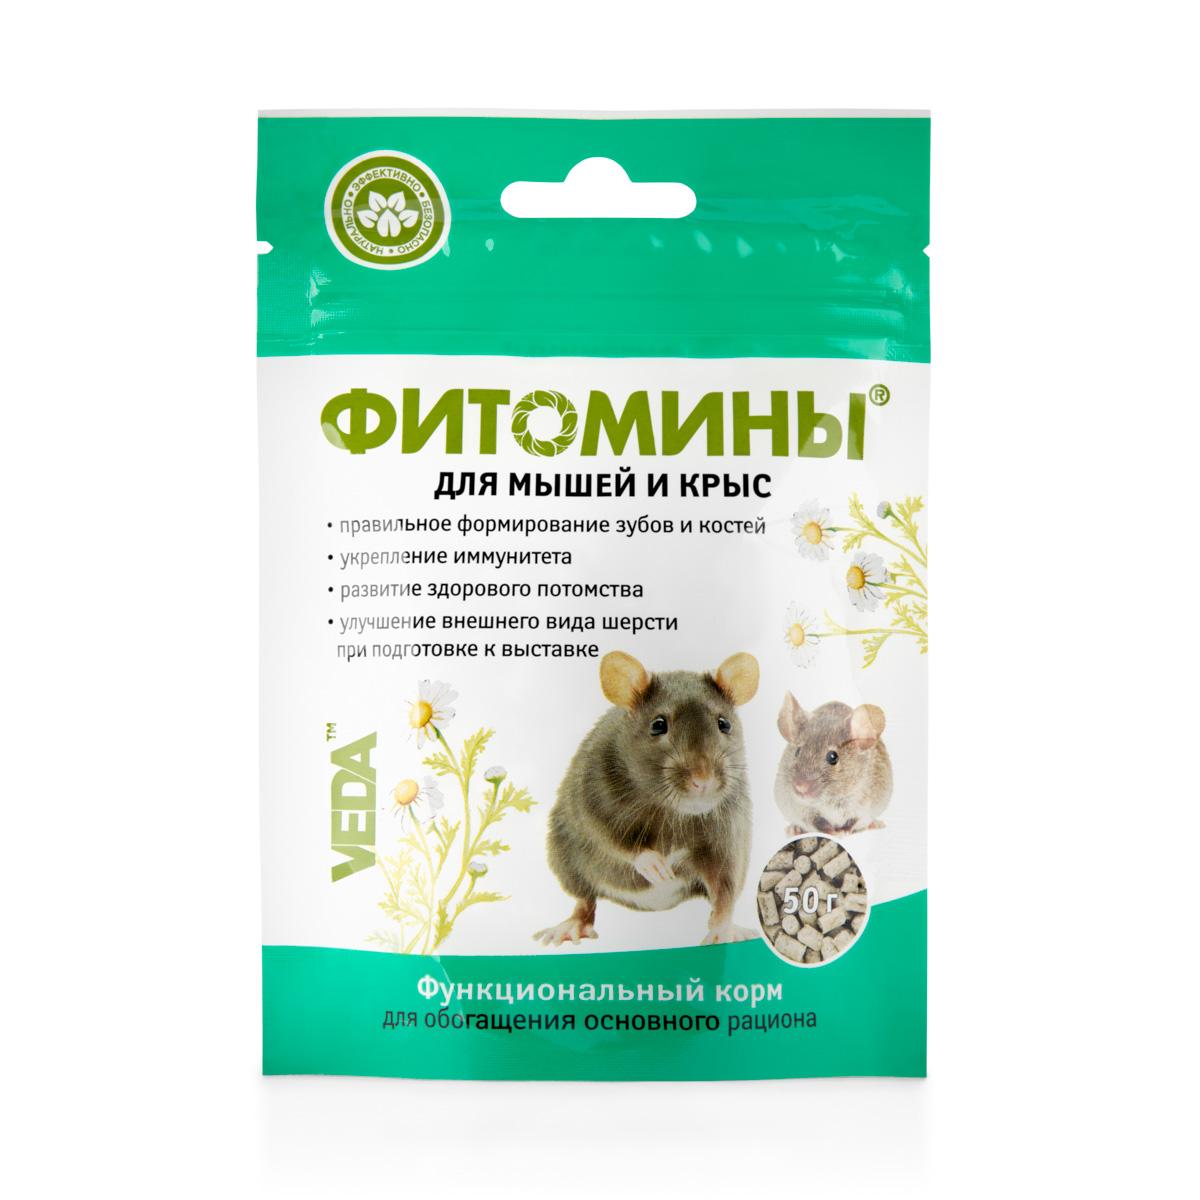 Корм для мышей и крыс VEDA Фитомины, функциональный , 50 г0120710Корм функциональный VEDA Фитомины восполняет рацион мышей и крыс дефицитными витаминами, макро- и микроэлементами.Рекомендуется включать в рацион:- для правильного формирования зубов и костей, - для укрепления общего иммунитета, - для обеспечения рождения здорового потомства, - при подготовке к выставкам для улучшения состояния шерсти.Состав: сок с мякотью морковный, сок с мякотью тыквенный; природный минеральный комплекс; сера кормовая; фитокомплекс экстрактов растений: цветков лабазника вязолистного, корней одуванчика, травы эхинацеи пурпурной, травы подмаренника, травы тысячелистника, плодов шиповника, корней и корневищ солодки, корней лопуха; обогащенный кальций; ячмень без пленки; сухое обезжиренное молоко; масло подсолнечное; соль поваренная пищевая; ароматизатор. В 100 г продукта содержится (не менее): углеводы 64,0 г; жиры 2,8 г; белки 15,0 г; кальций 600 мг; фосфор 360 мг; железо 15,0 мг; цинк 4 мг; магний 0,1 мг; марганец 0,1 мг; медь 0,3 мг; сера 200 мг; каротин 0,4 мг.Энергетическая ценность в 100 г: 340 ккал.Товар сертифицирован.